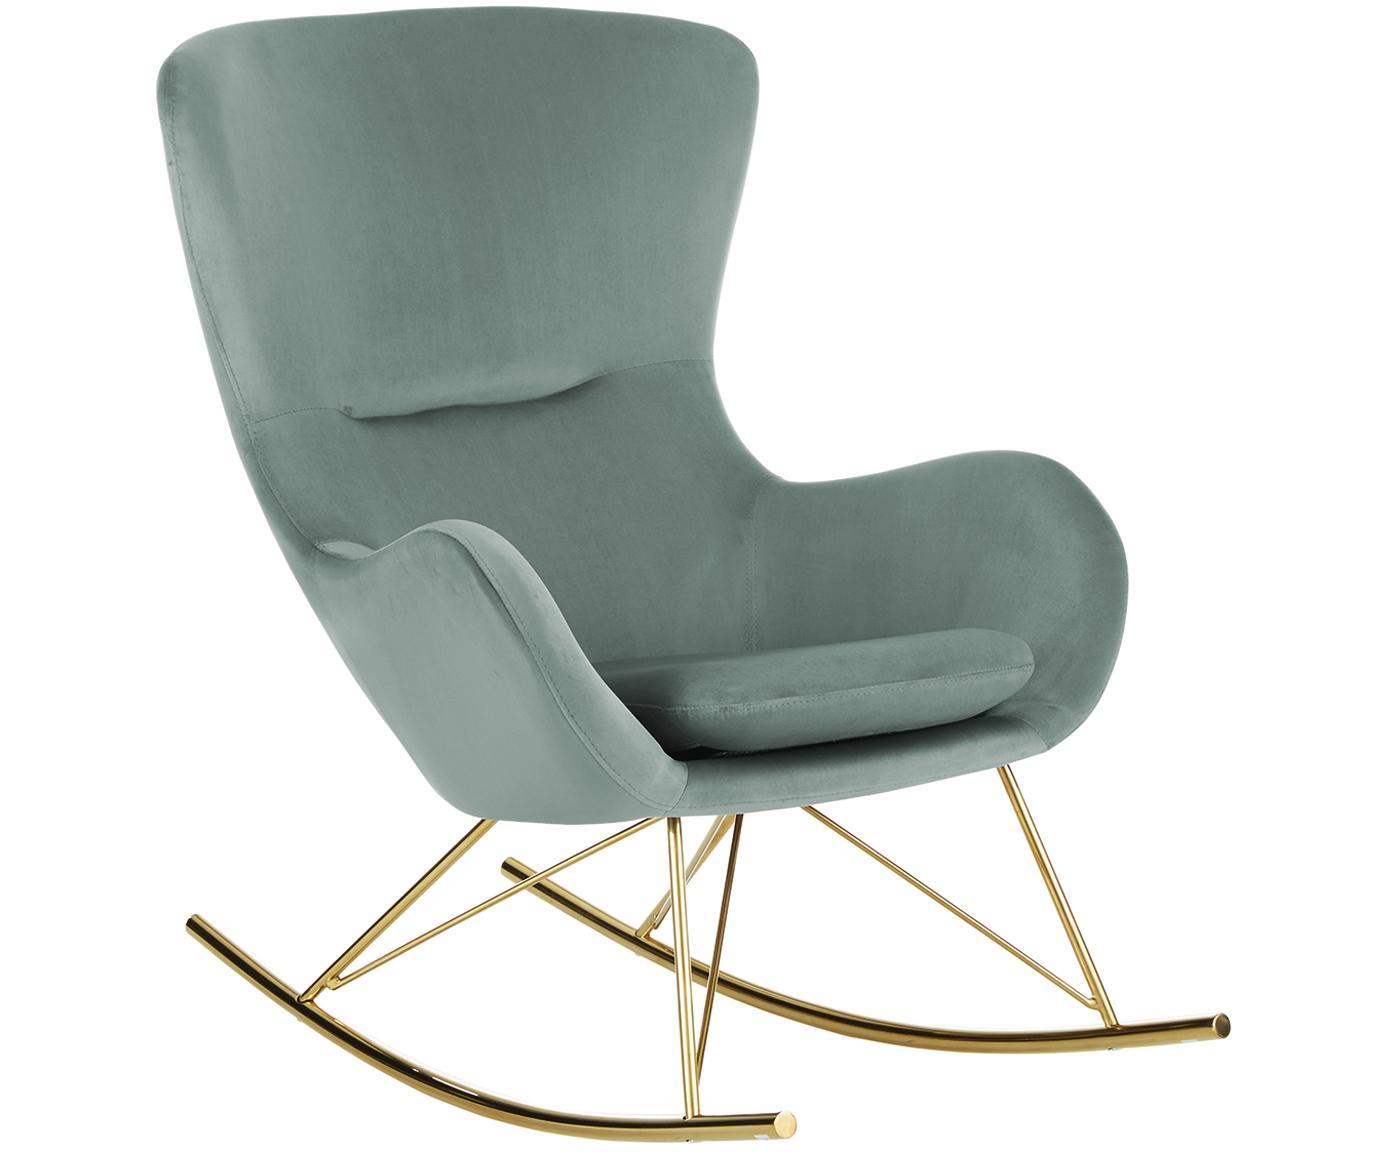 Fluwelen schommelstoel Wing, Bekleding: fluweel (polyester), Frame: gegalvaniseerd metaal, Fluweel saliekleurig, B 77 x D 96 cm